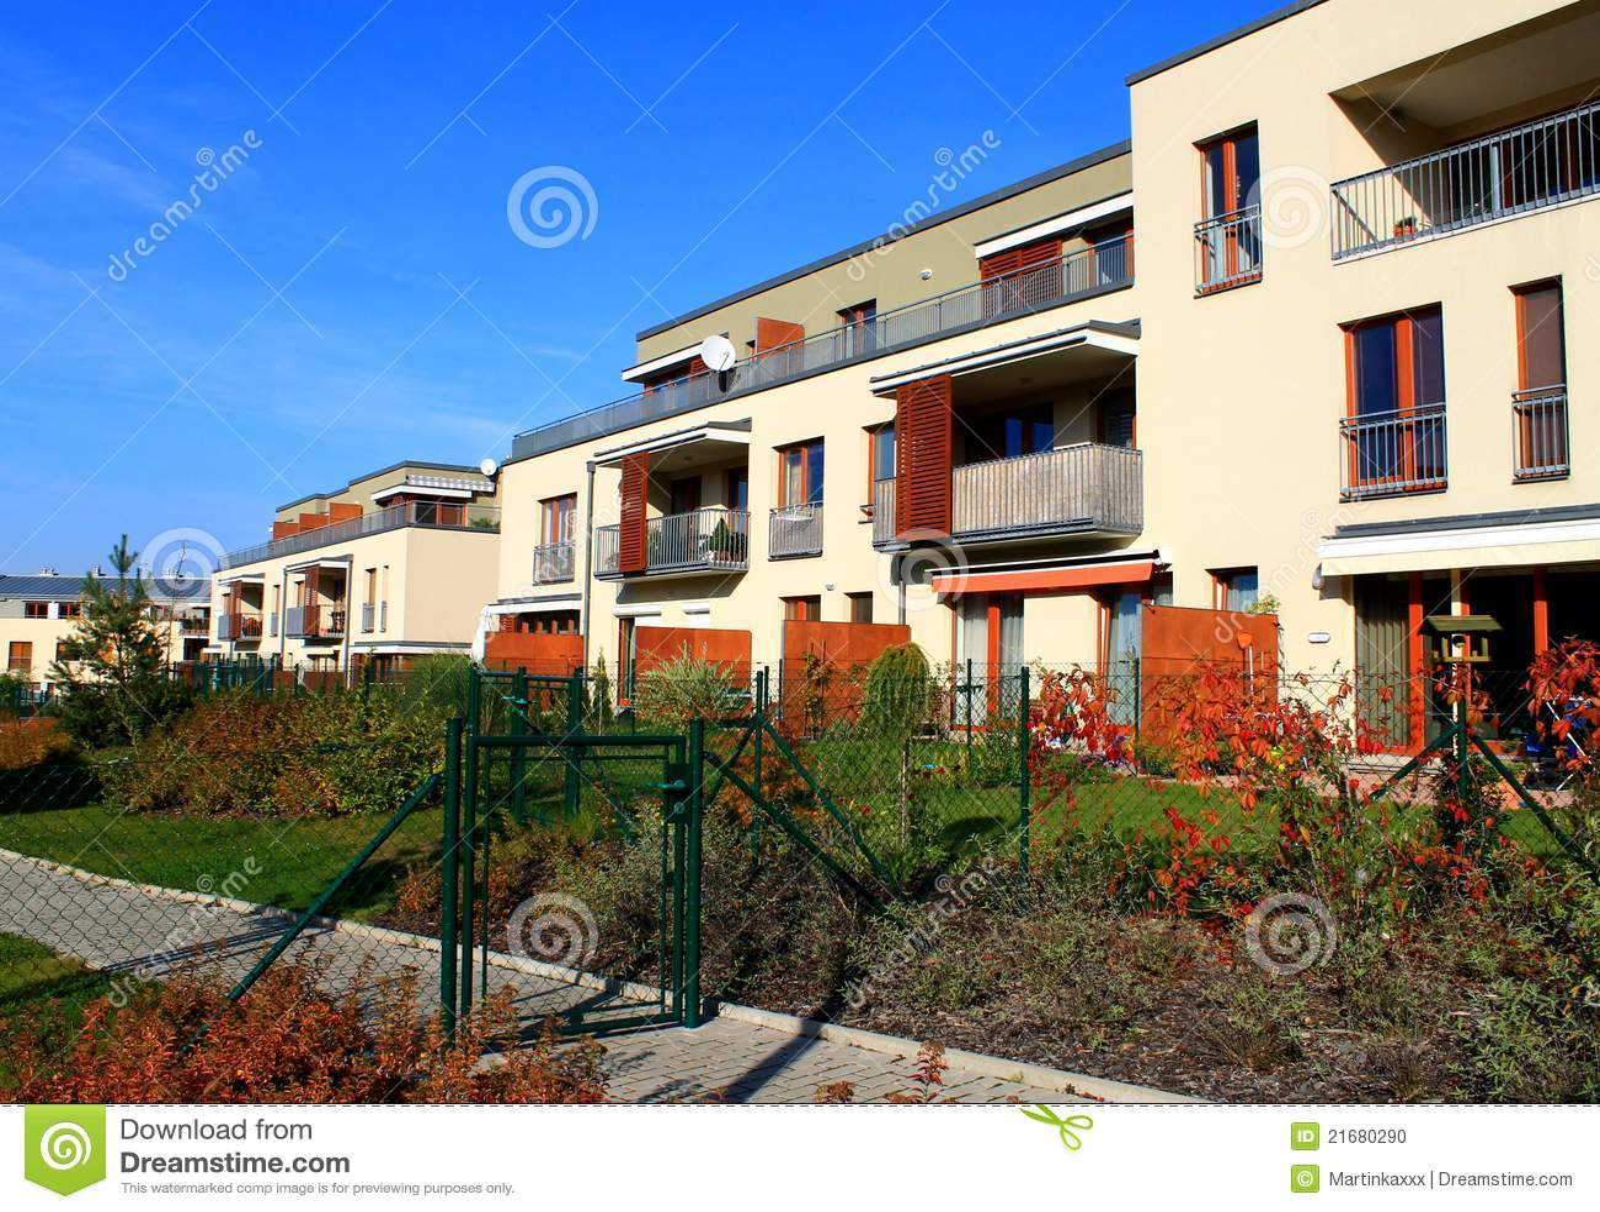 Blocco di appartamenti moderni con i giardini fotografia for Immagini appartamenti moderni